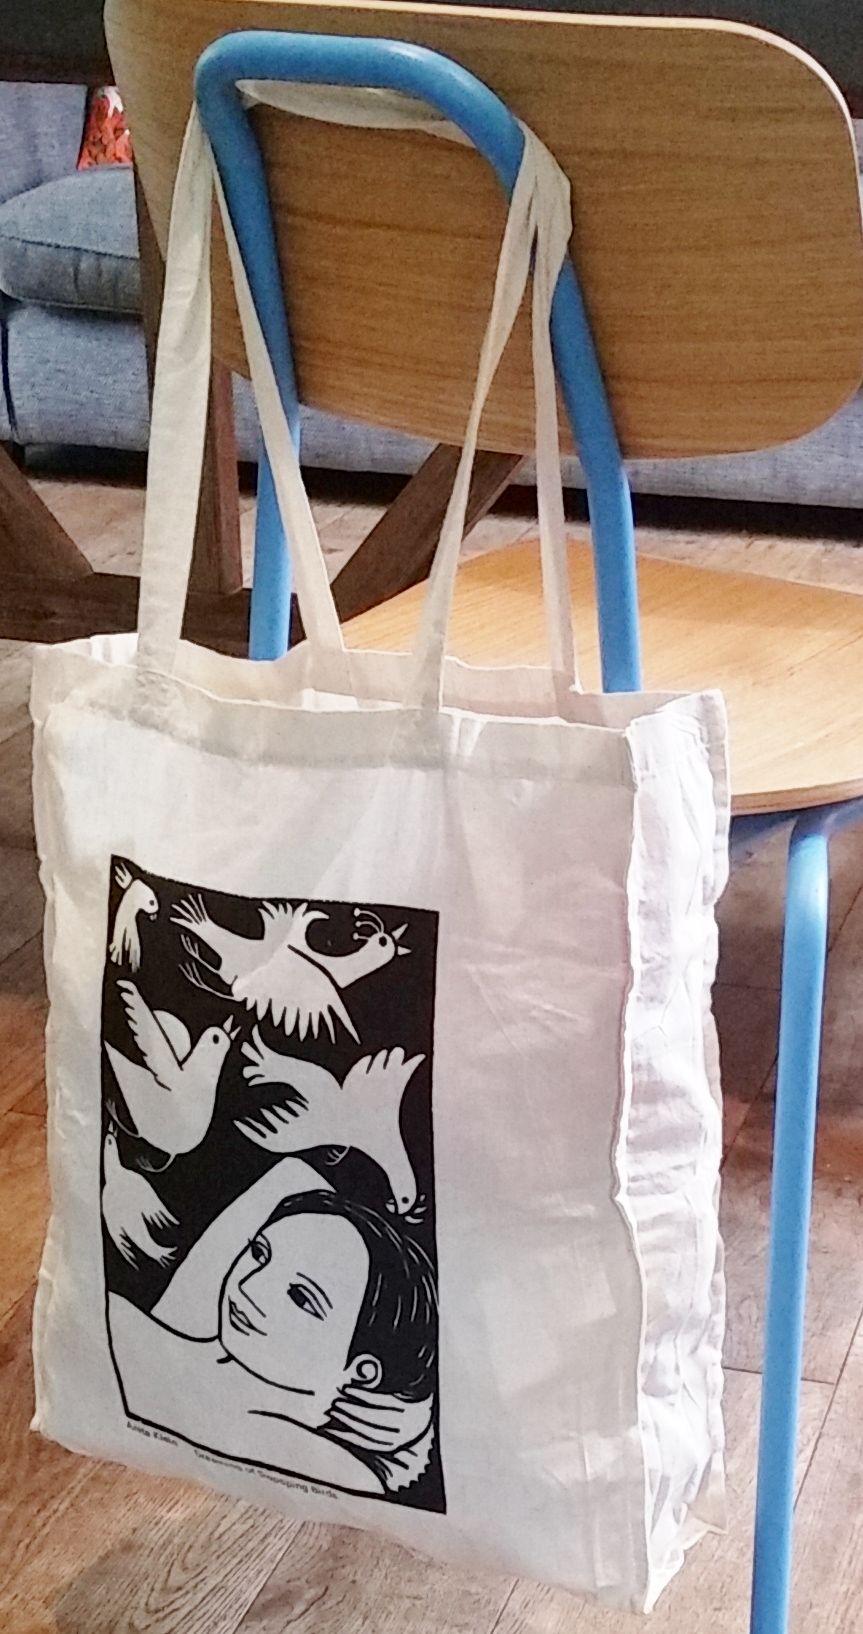 Anita Klein Cotton Shopping Bag, Dreaming of Swooping Birds